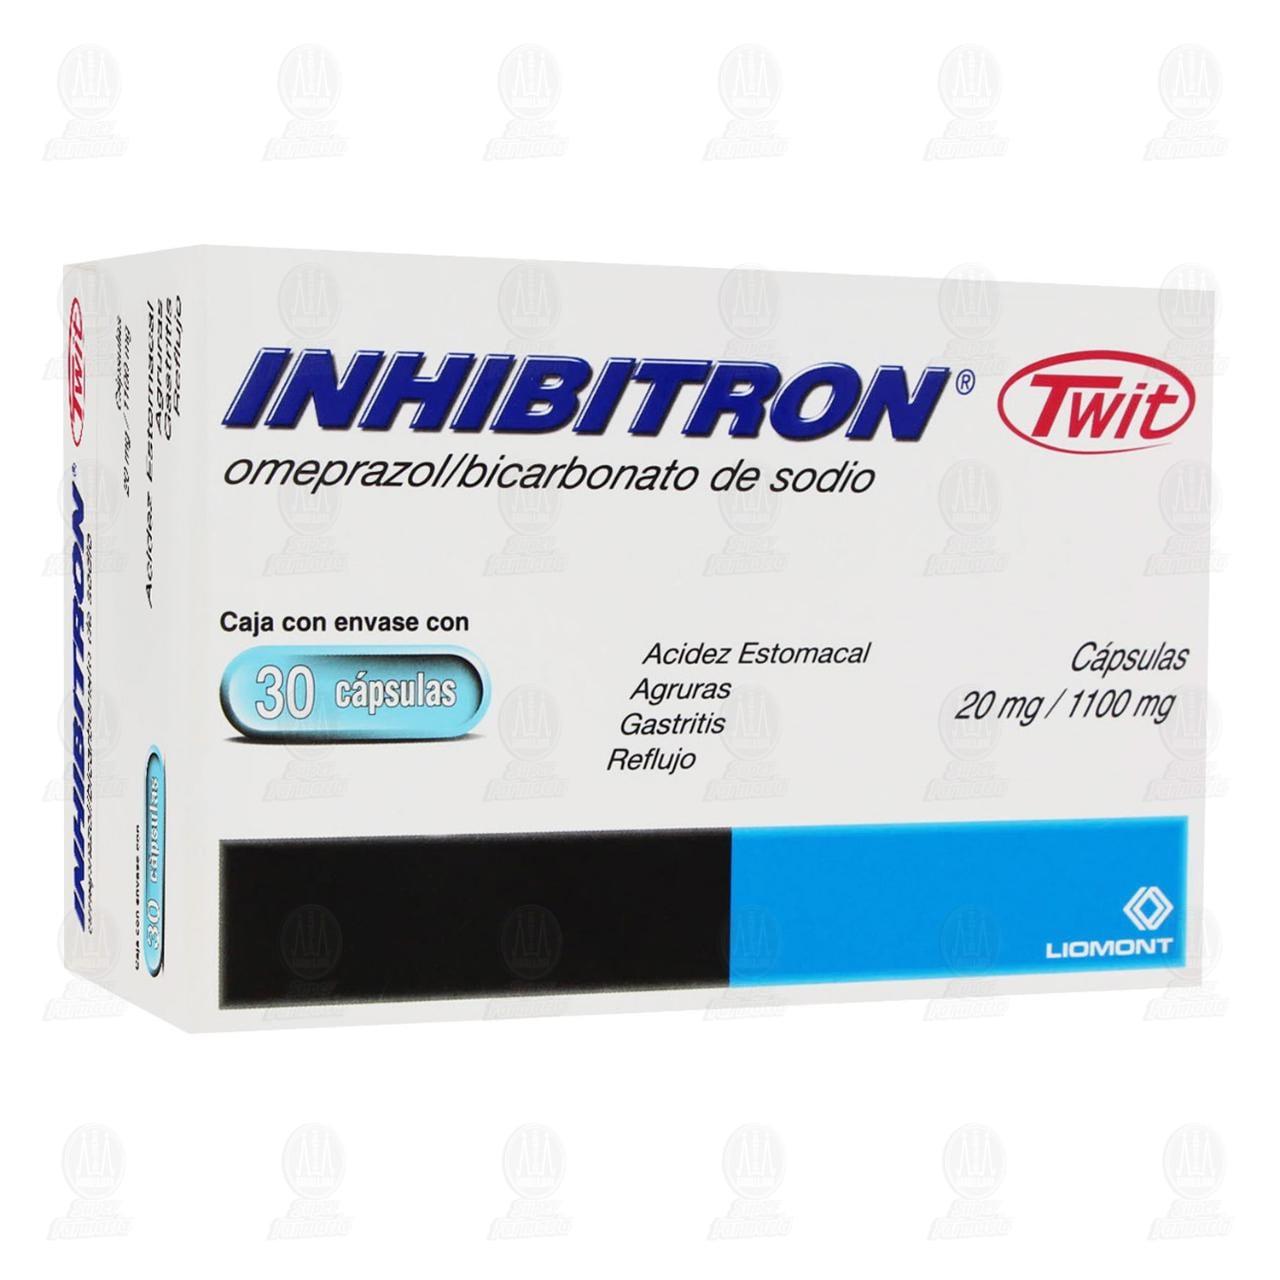 Comprar Inhibitron Twit 20mg/1100mg 30 Cápsulas en Farmacias Guadalajara